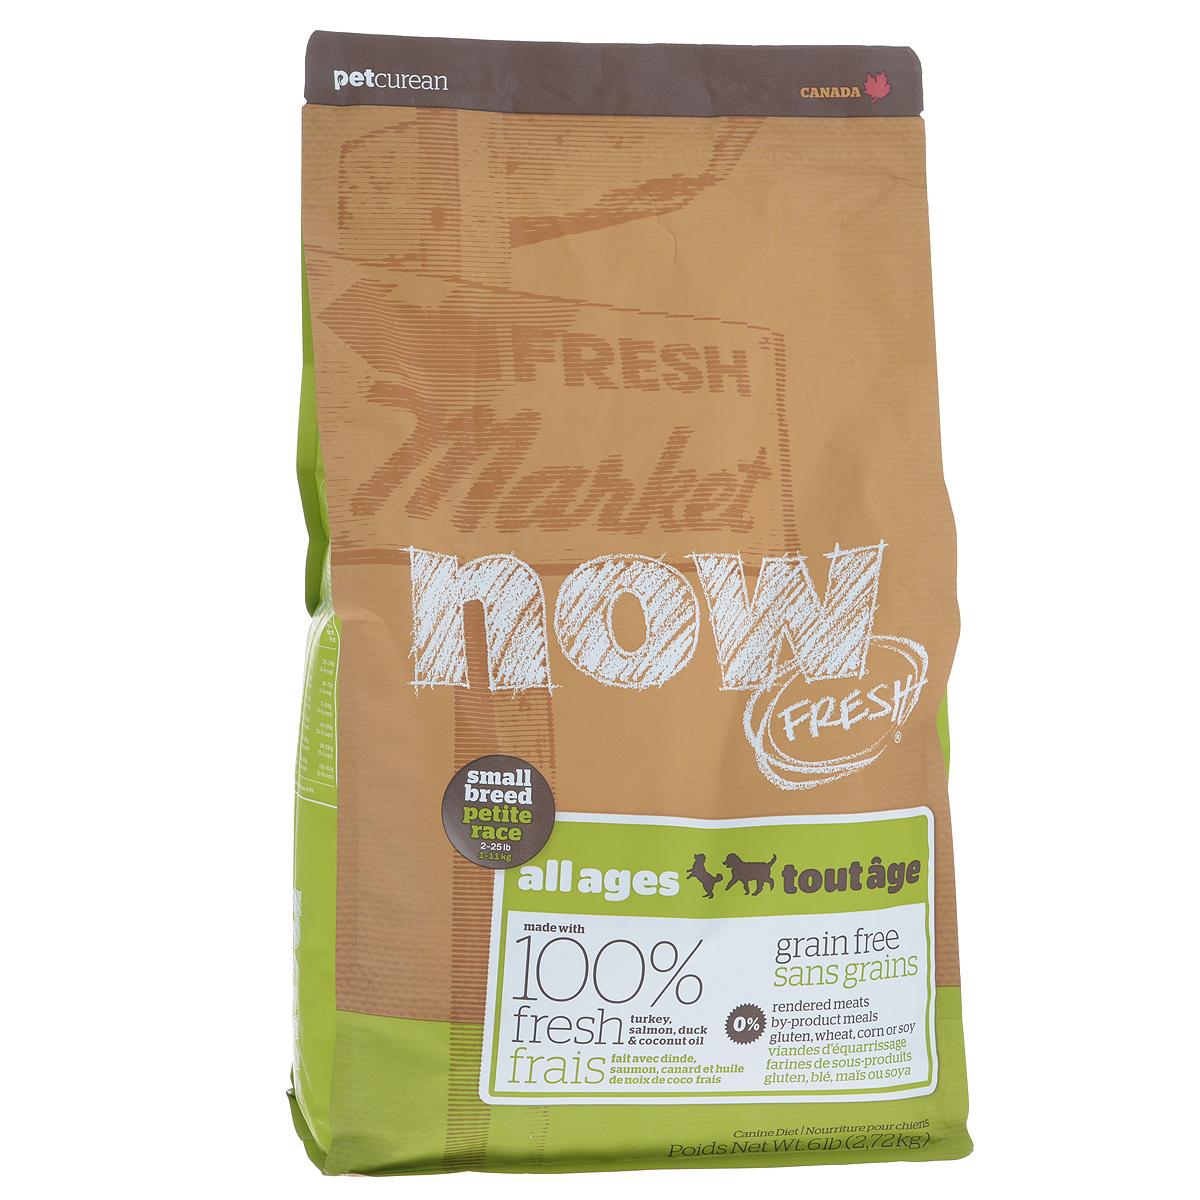 Корм сухой Now Fresh для малых пород собак всех возрастов, беззерновой, с индейкой, уткой и овощами, 2,72 кг10117Now Fresh - полностью сбалансированный холистик корм из свежего филе индейки и утки, выращенных на канадских фермах. Рекомендован для малых пород всех возрастов: для щенков, для взрослых и для активных собак, и для пожилых собак. Это первый беззерновой корм со сбалансированным содержание белков и жиров. Ключевые преимущества: - не содержит субпродуктов, красителей, говядины, мясных ингредиентов, выращенных на гормонах, - гранулы благодаря своей форме бережно очищают зубы, люцерна в составе корма освежает дыхание, - пробиотики и пребиотики обеспечивают здоровое пищеварение, - маленький размер гранул способствует лучшему захвату корма, - докозагексаеновая кислота (DHA) и эйкозапентаеновая кислота (EPA) необходима для нормальной деятельности мозга и здорового зрения, - омега-масла в составе необходимы для здоровой кожи и шерсти, - антиоксиданты укрепляют иммунную систему. Состав: филе индейки, картофель, свежие...